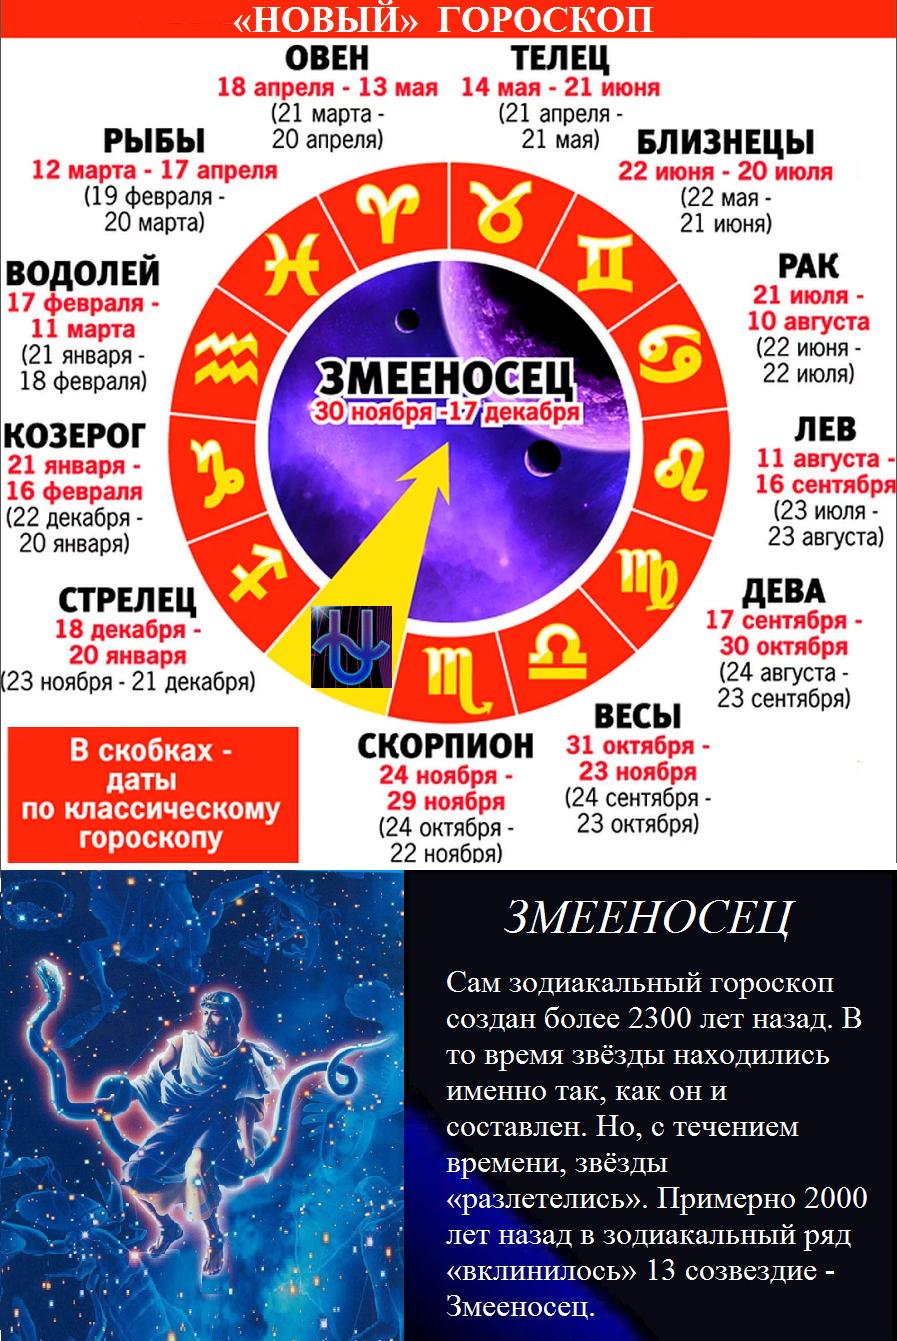 13-й знак зодиака – змееносец. его даты рождения и характеристики